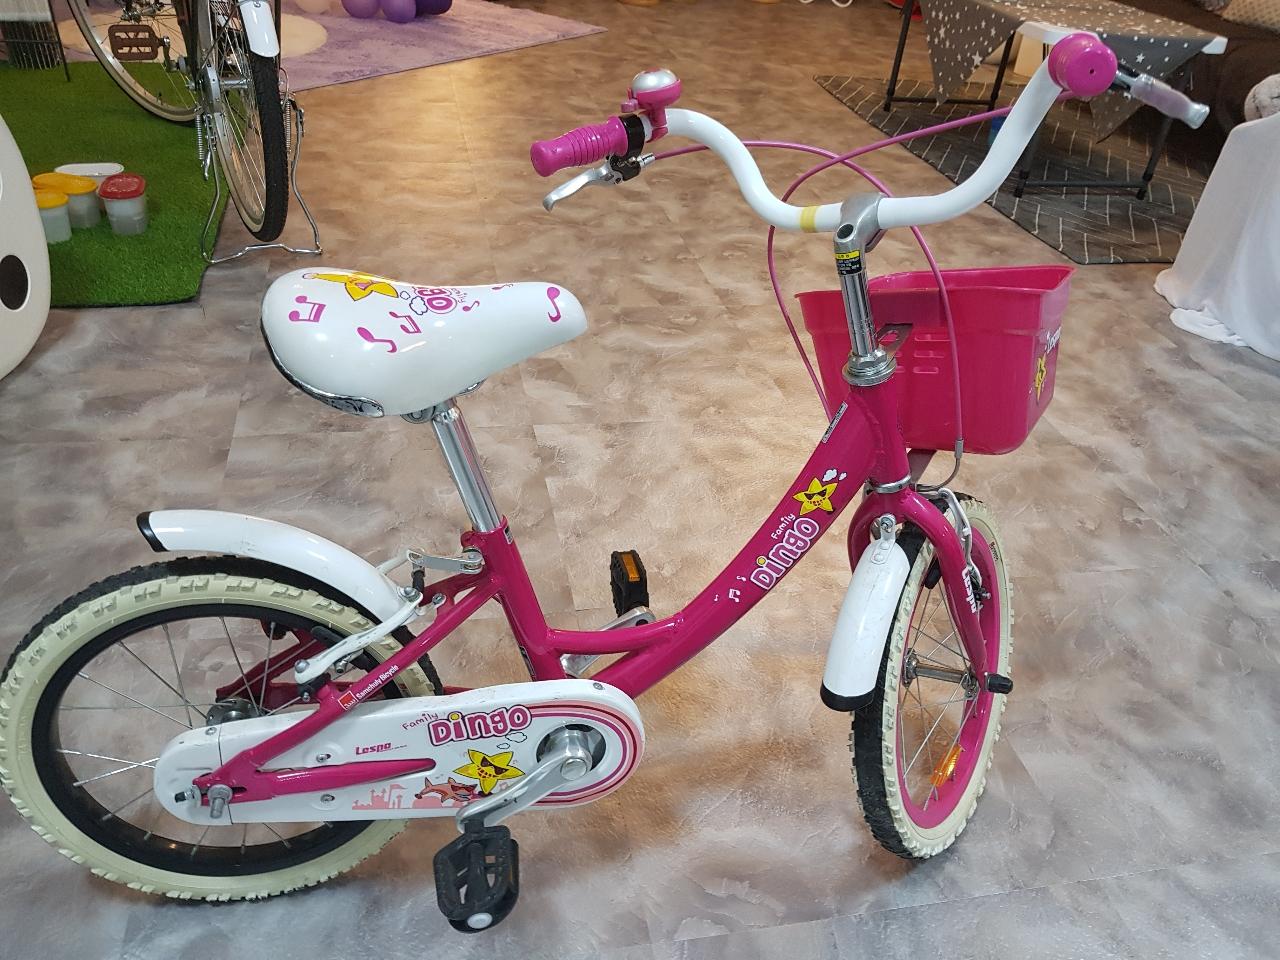 아이용 알류미늄 자전거~~구입가 250,000원주고 구입한자전거입니다.많이 타지 않아 바퀴가 거의 좋은 상태입니다.